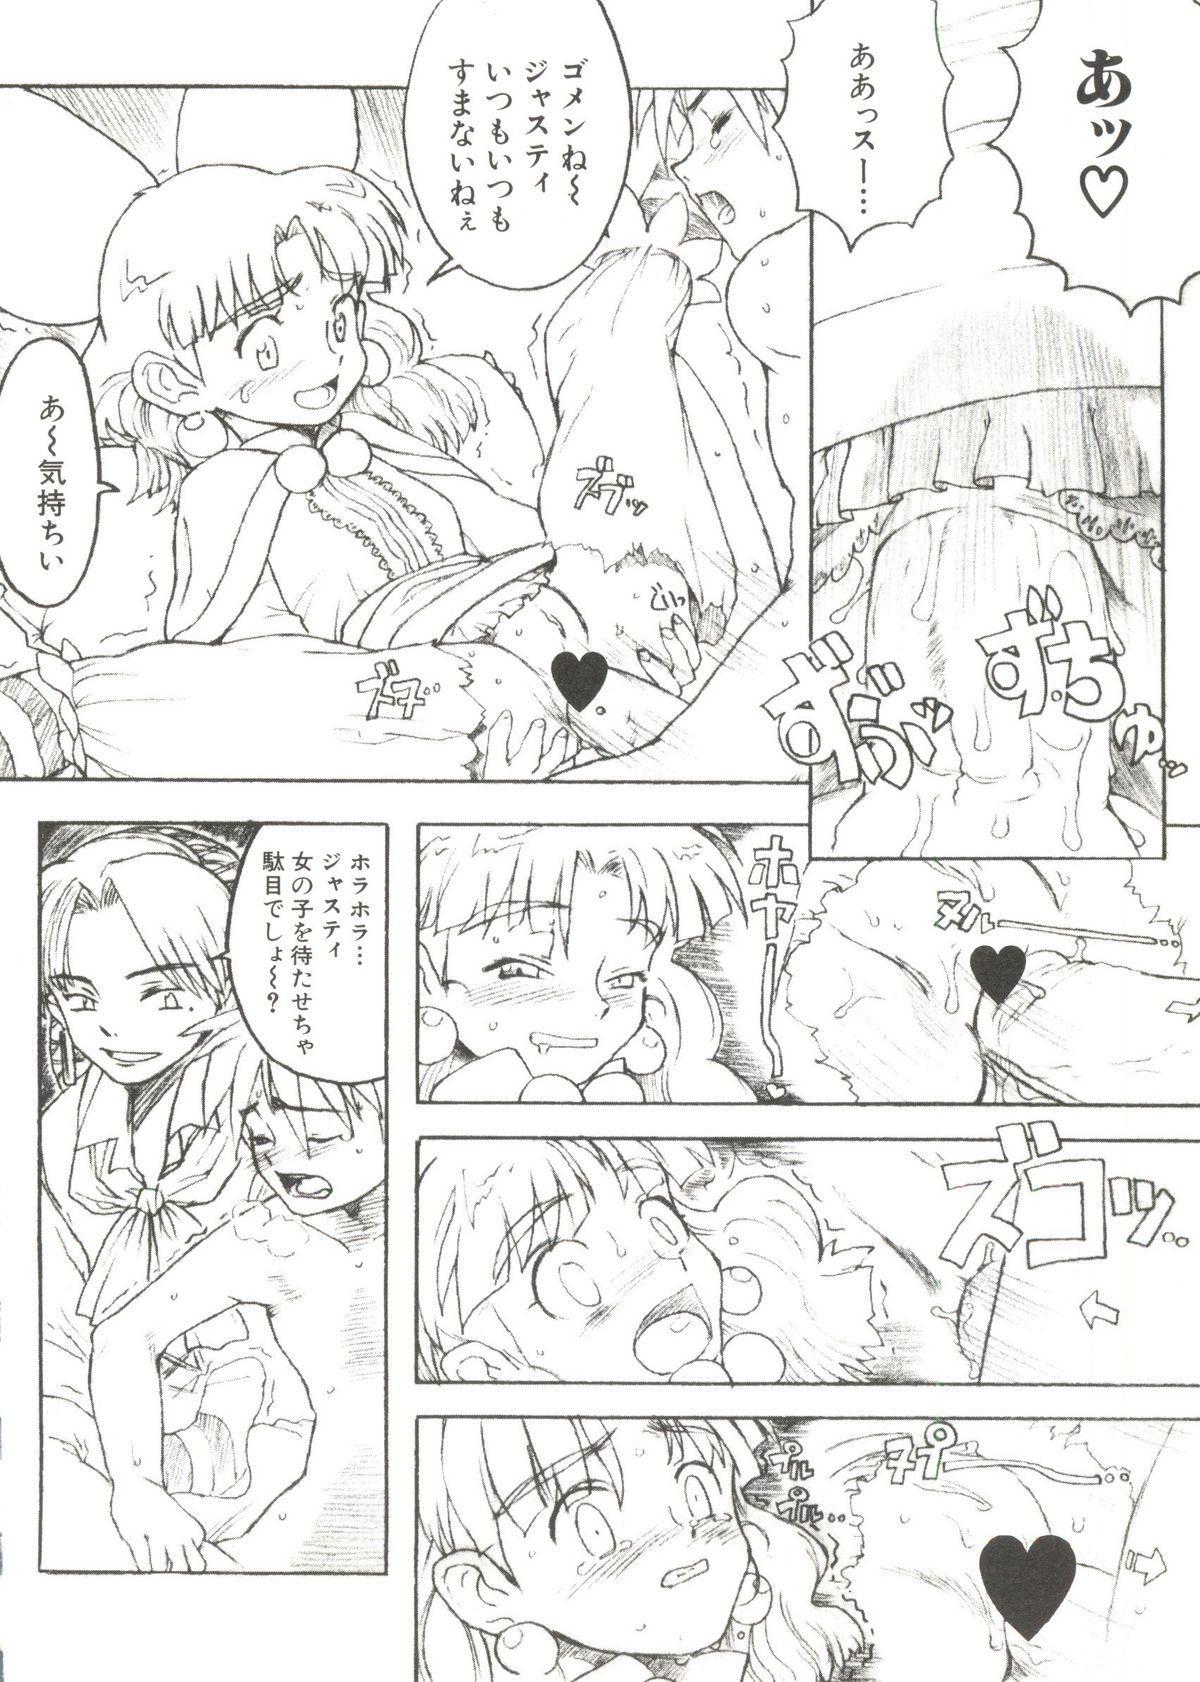 Denei Tamate Bako Bishoujo Doujinshi Anthology Vol. 2 - Nishinhou no Tenshi 121